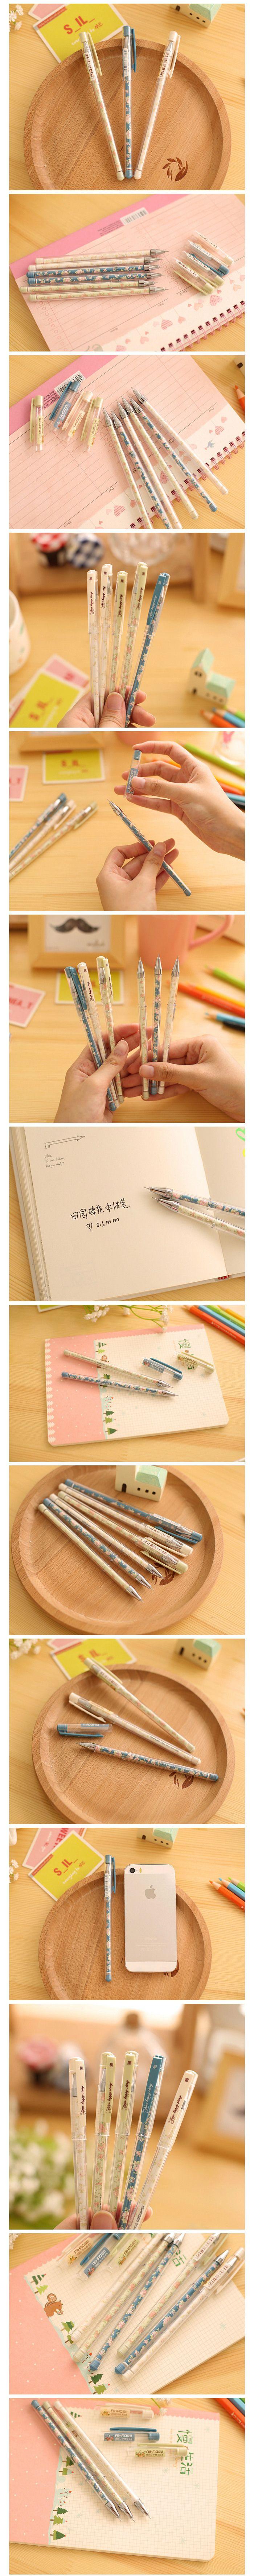 42,13 руб. / шт. Письменные принадлежности > Гелевые ручки